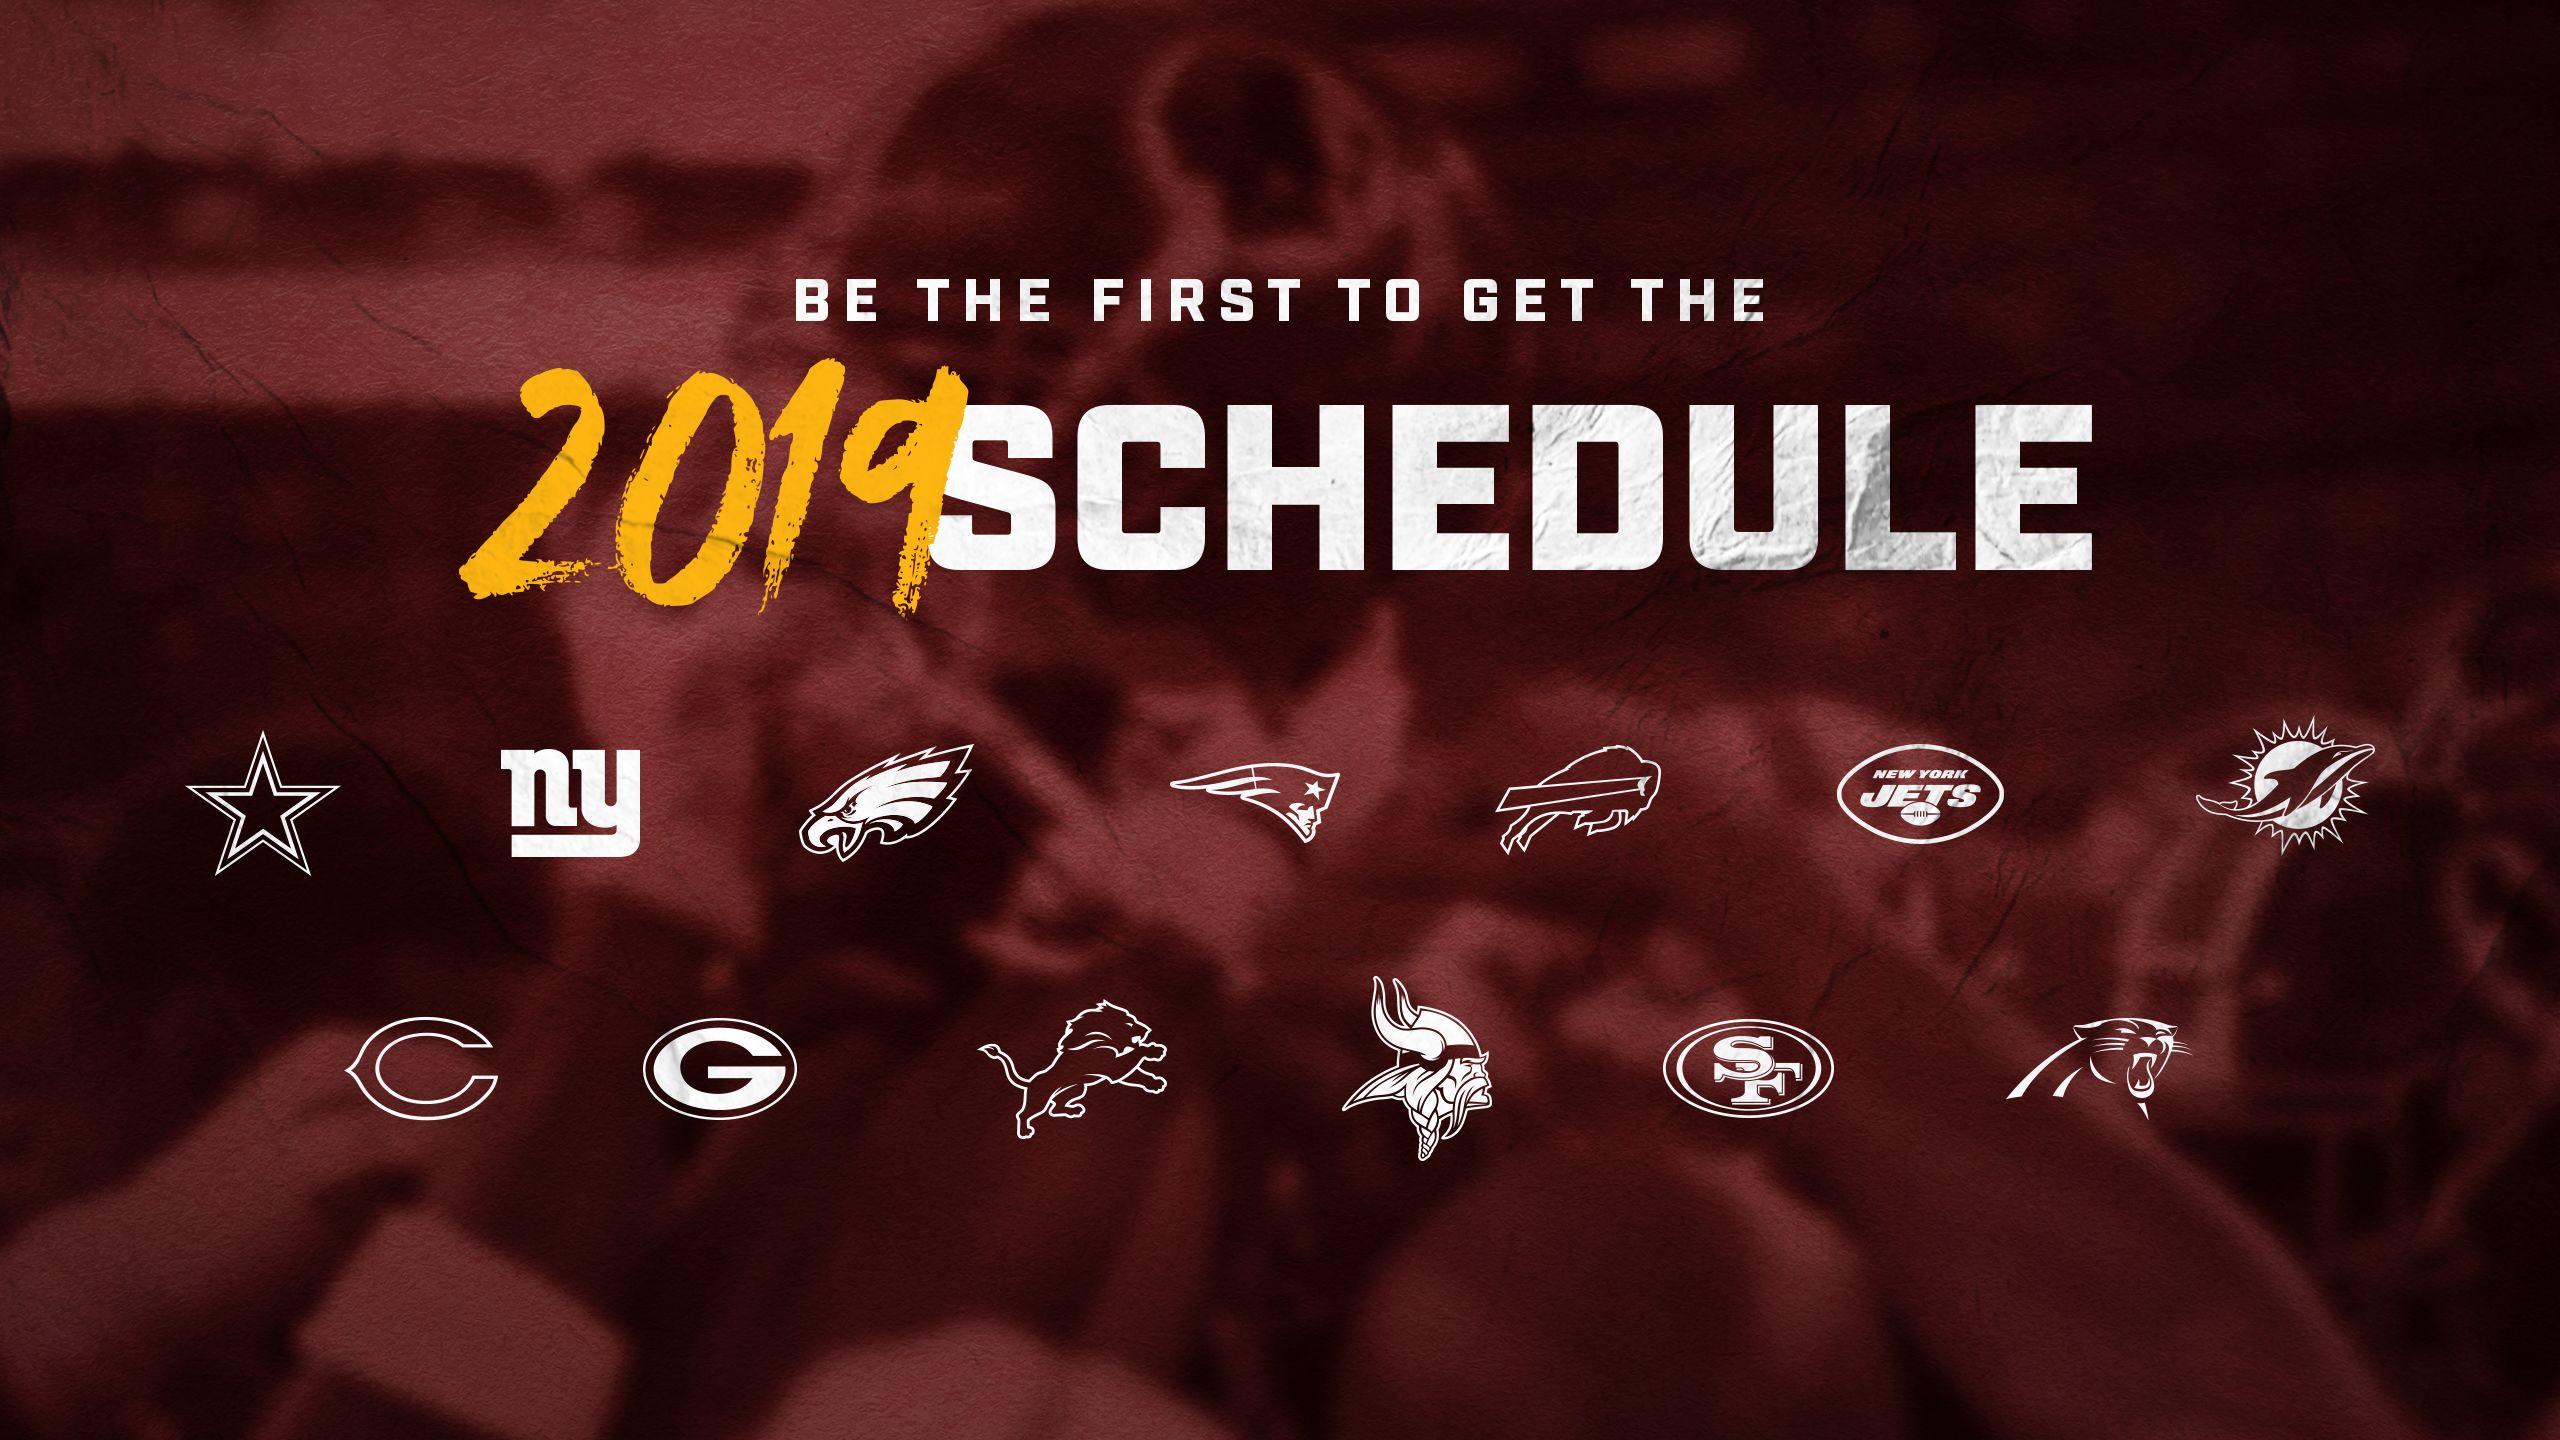 get_schedule_first-2560x1440b